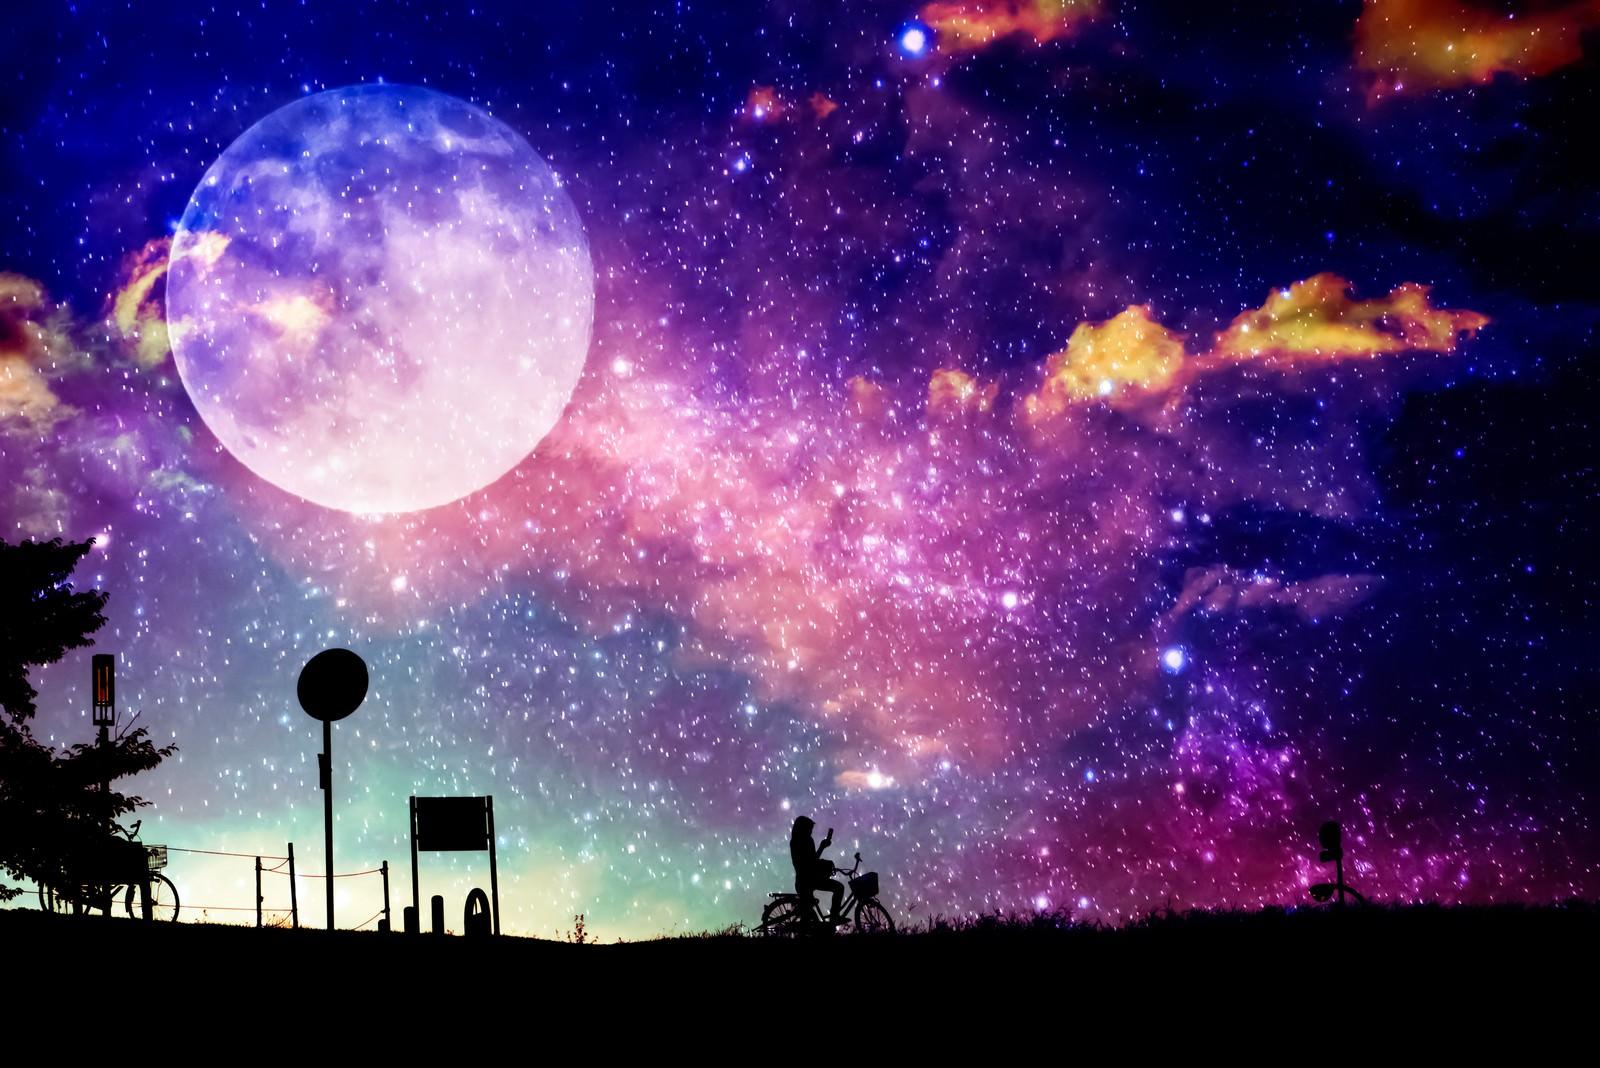 「満月を背に(フォトモンタージュ)満月を背に(フォトモンタージュ)」のフリー写真素材を拡大